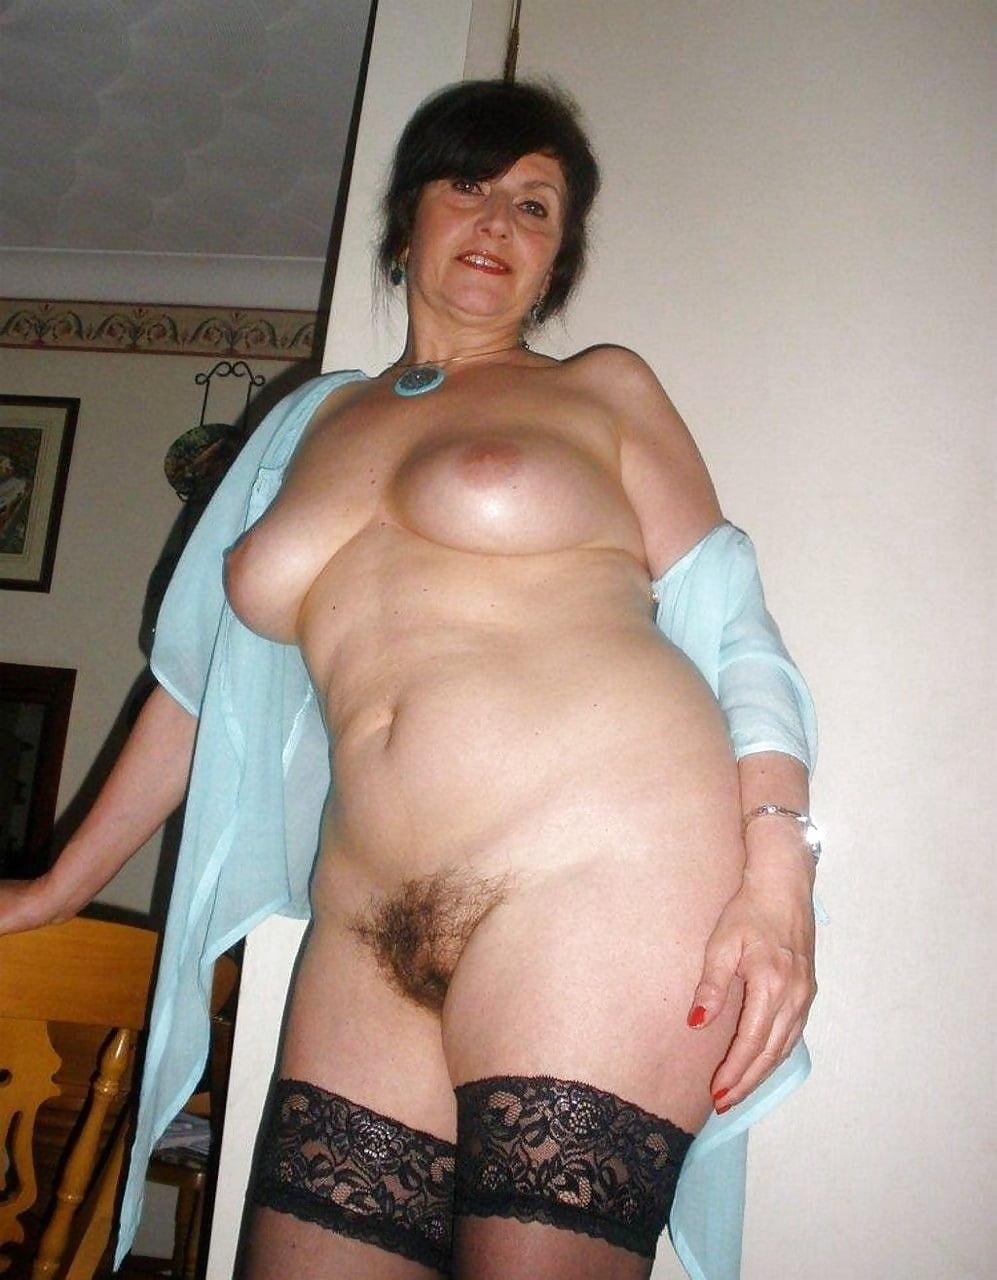 приватное фото зрелых женщин волосатых - 8